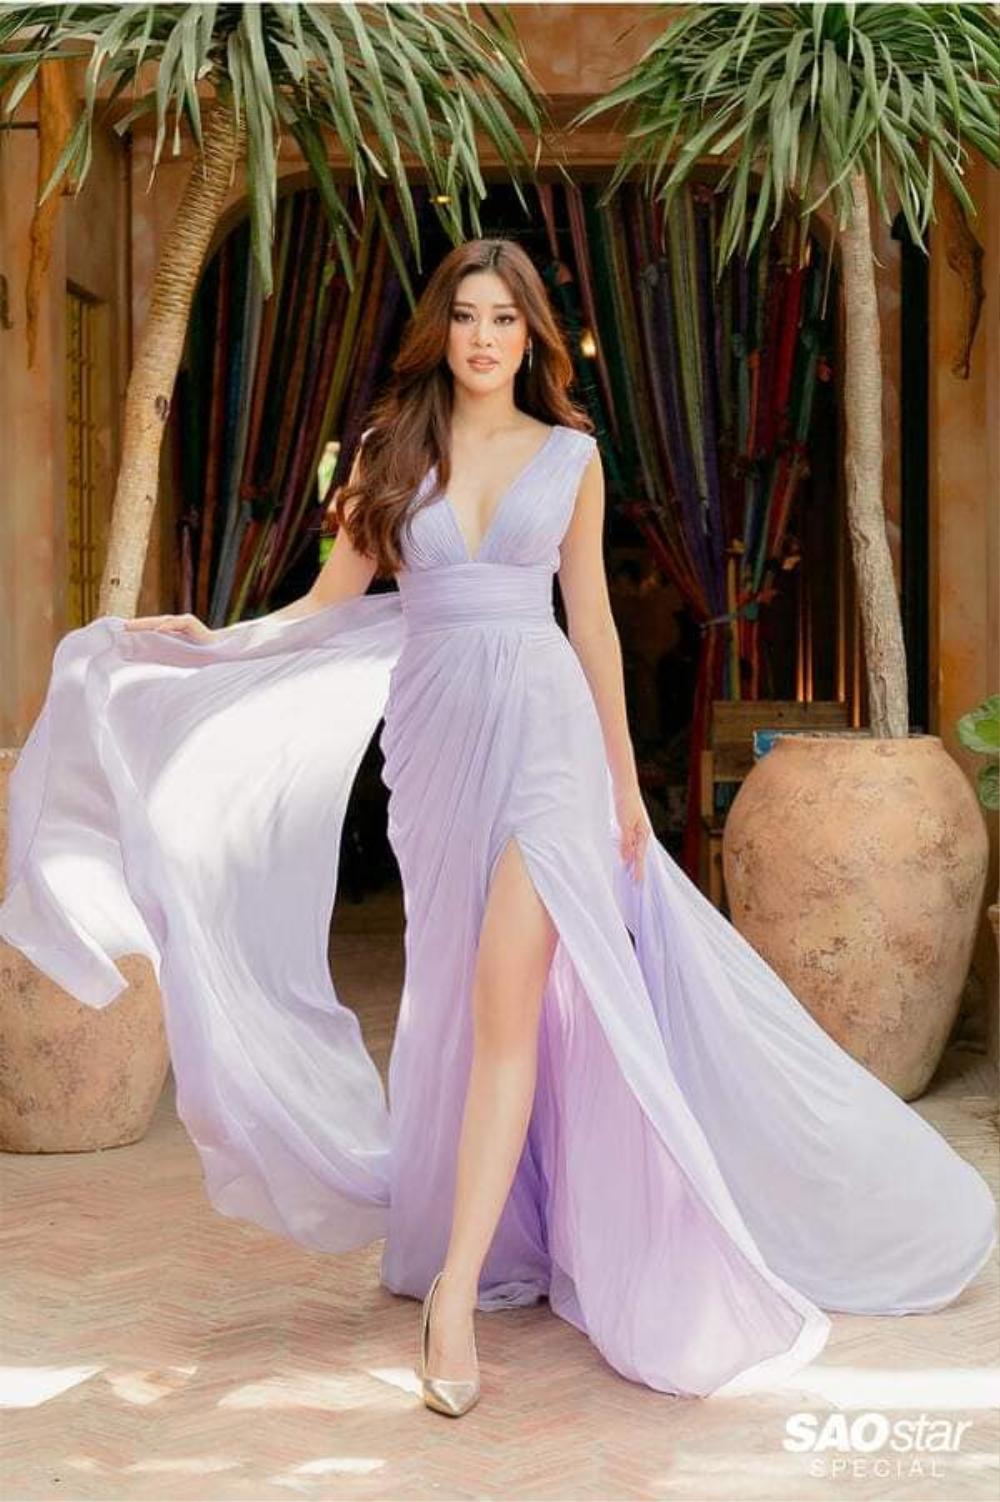 Đại diện Việt Nam vắng mặt trong Top 11 Super của Global Beauties: Fan chờ đợi Khánh Vân bùng nổ Ảnh 14